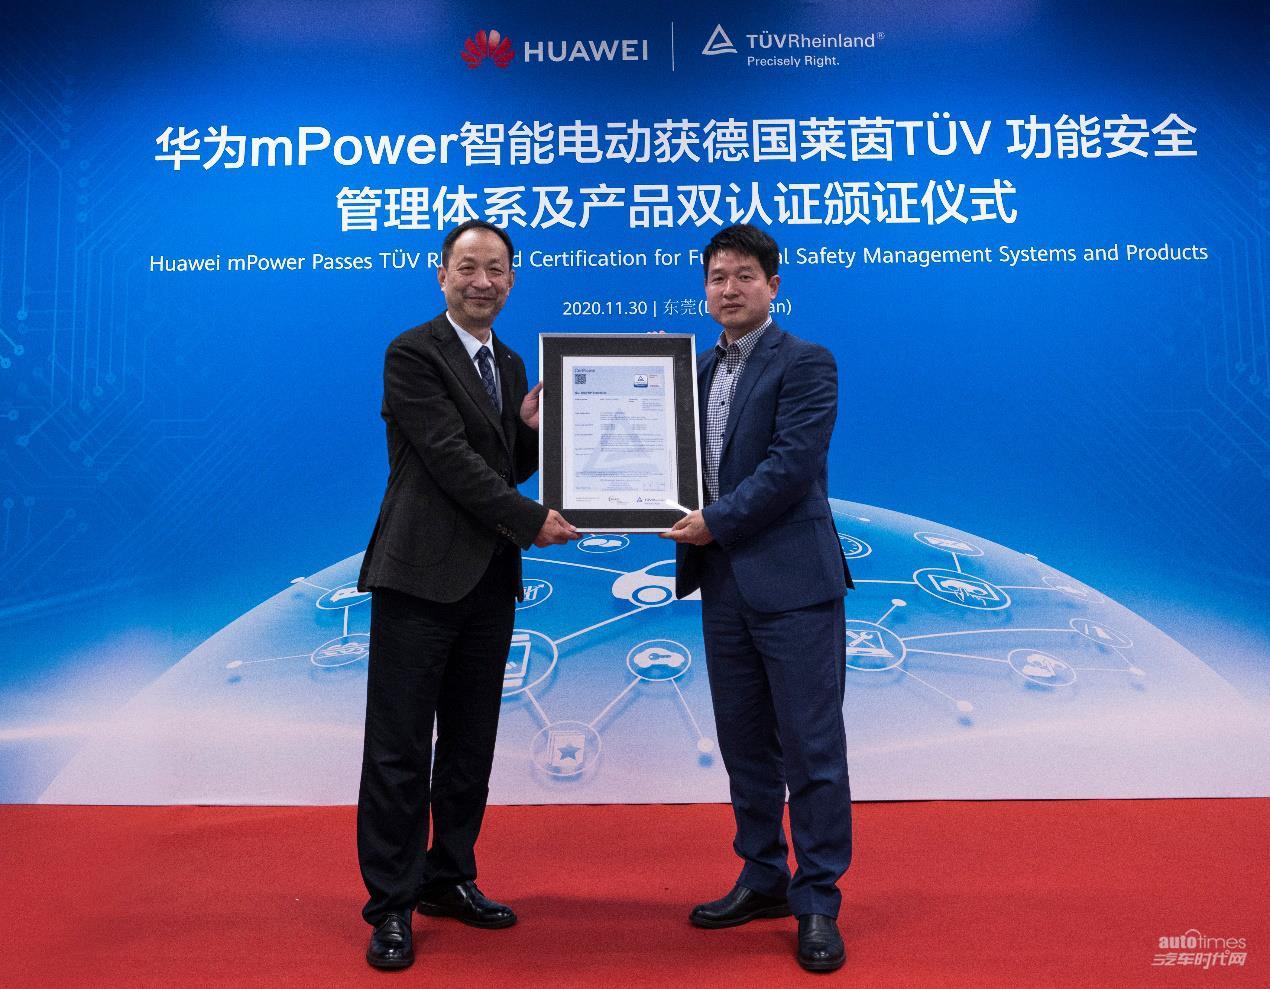 华为智能电动MCU产品荣获莱茵TüV功能安全高等级证书